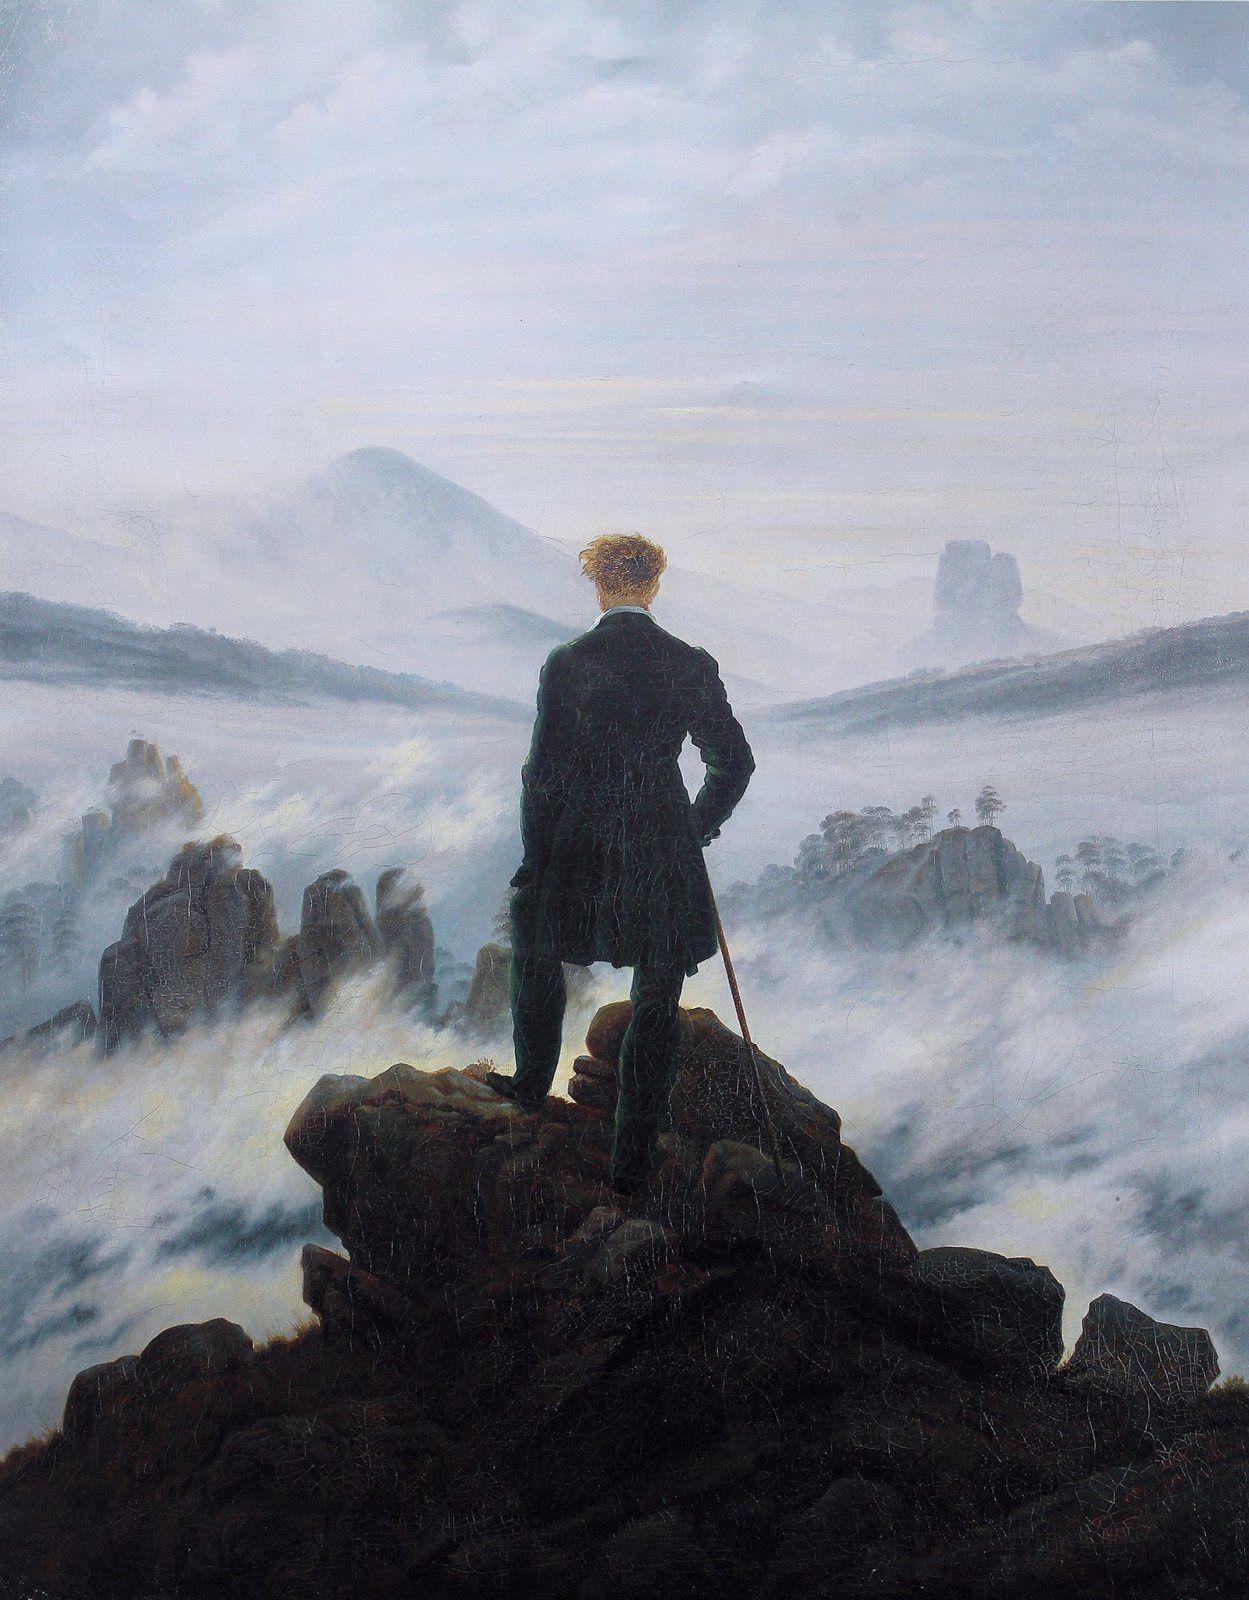 Caspar David Friedrich (1774-1840), Le Voyageur contemplant une mer de nuages (1818, Hambourg, Allemagne)